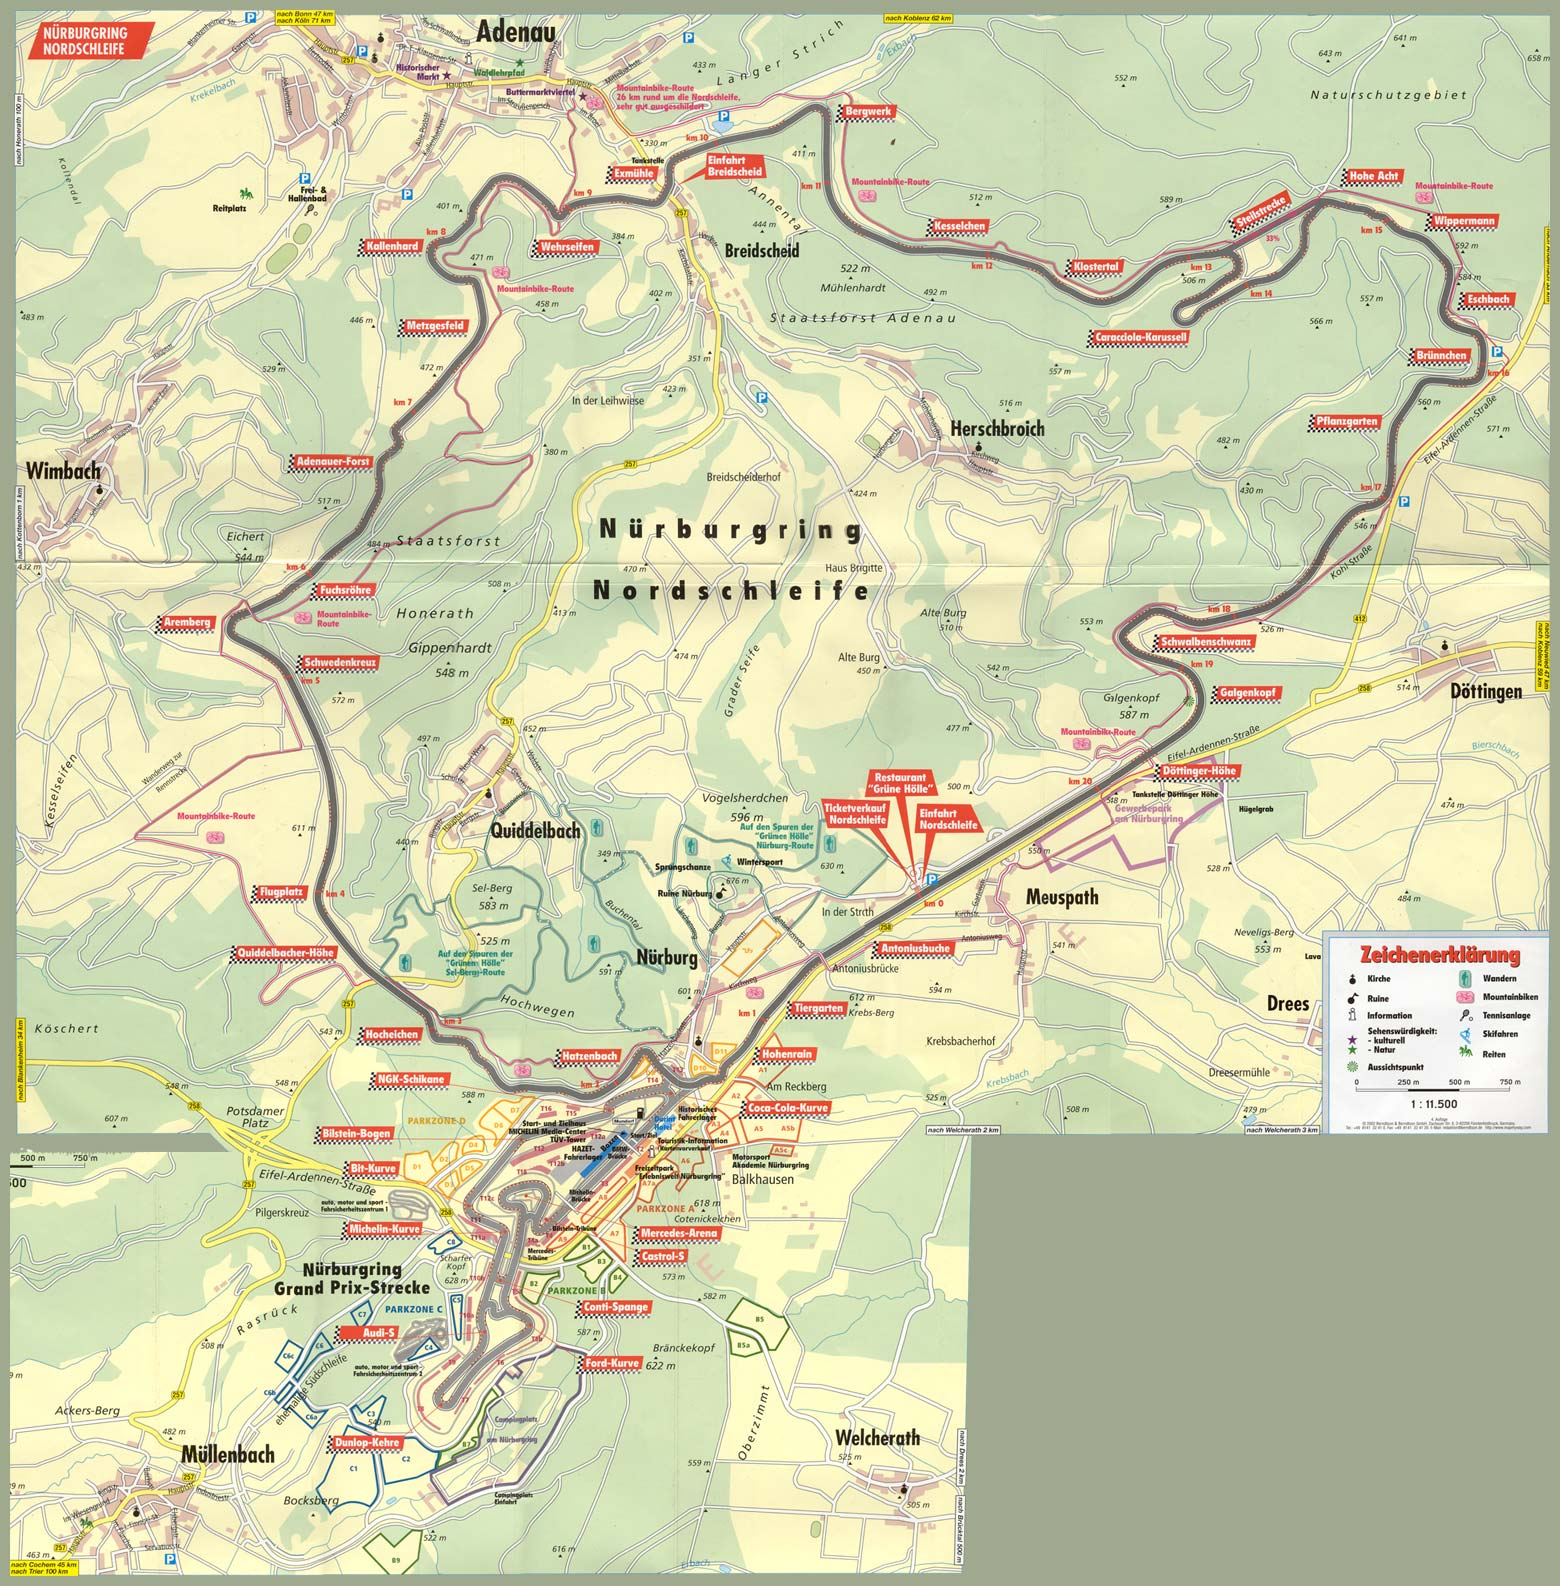 M Driving School - Germany map nurburgring